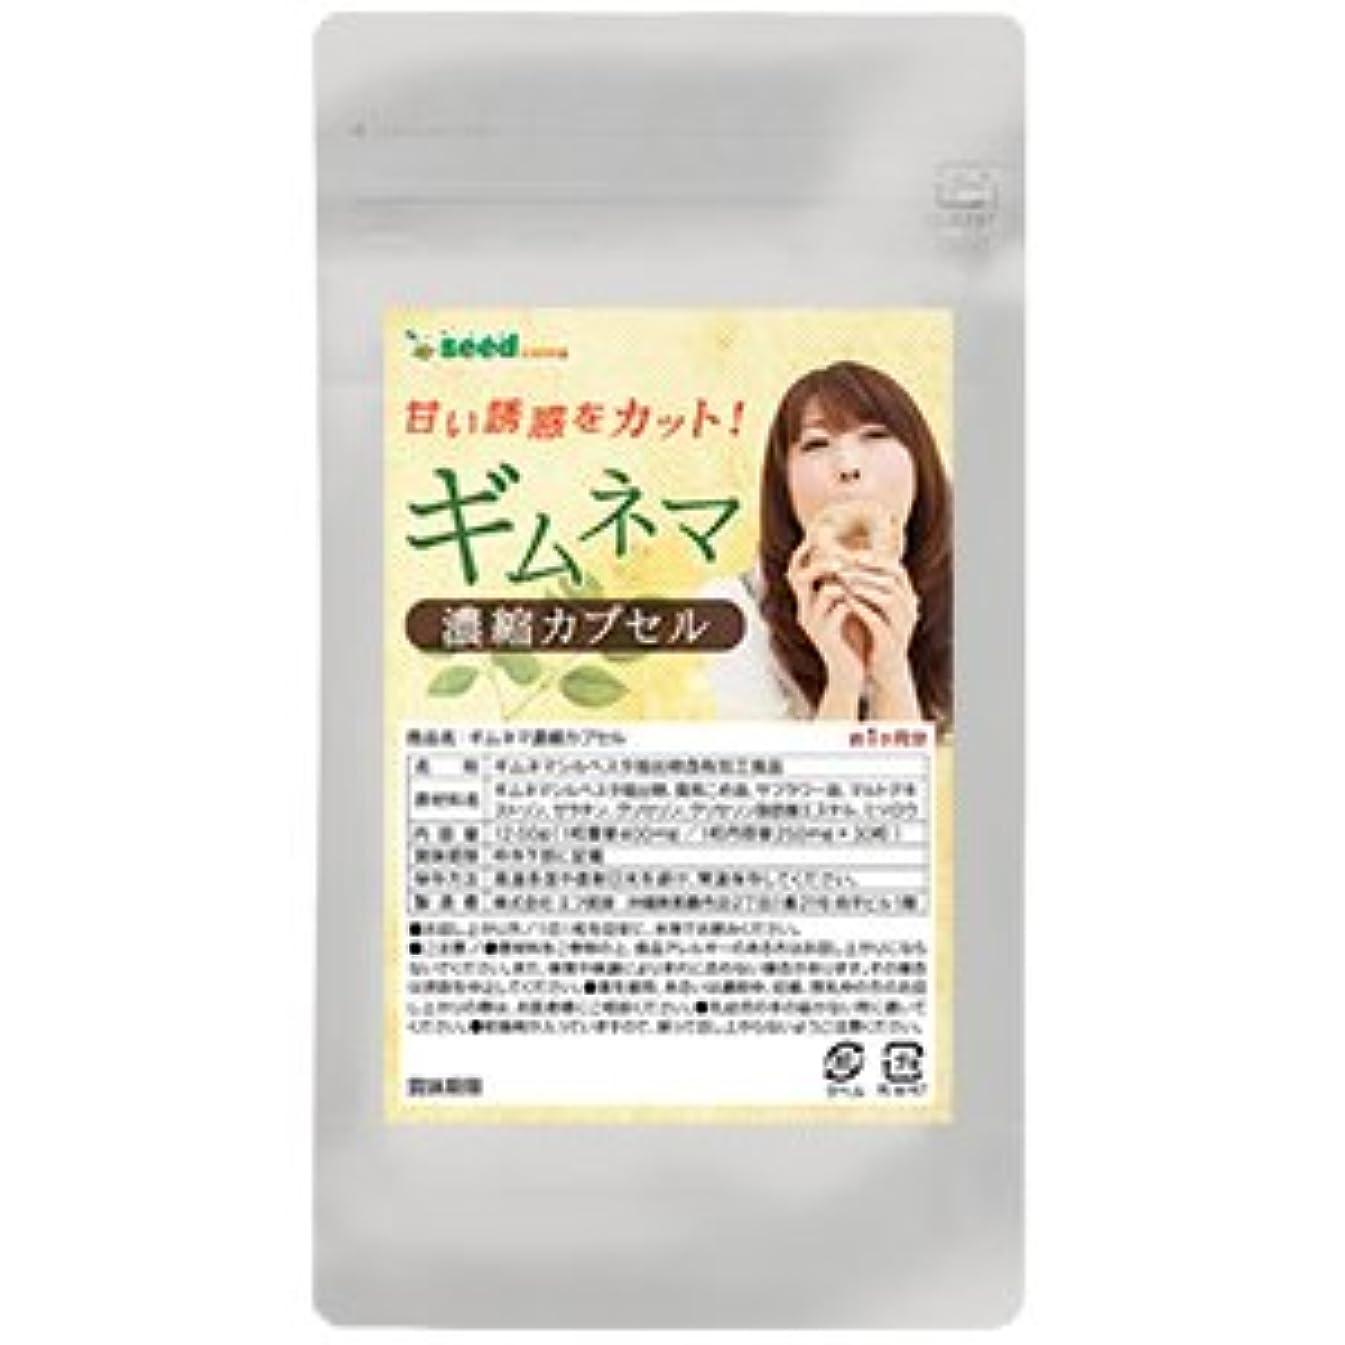 寝室ぴったり効率ギムネマ 濃縮カプセル (約3ヶ月分/90粒) ダイエットの天敵『糖分』が気になる方へ!